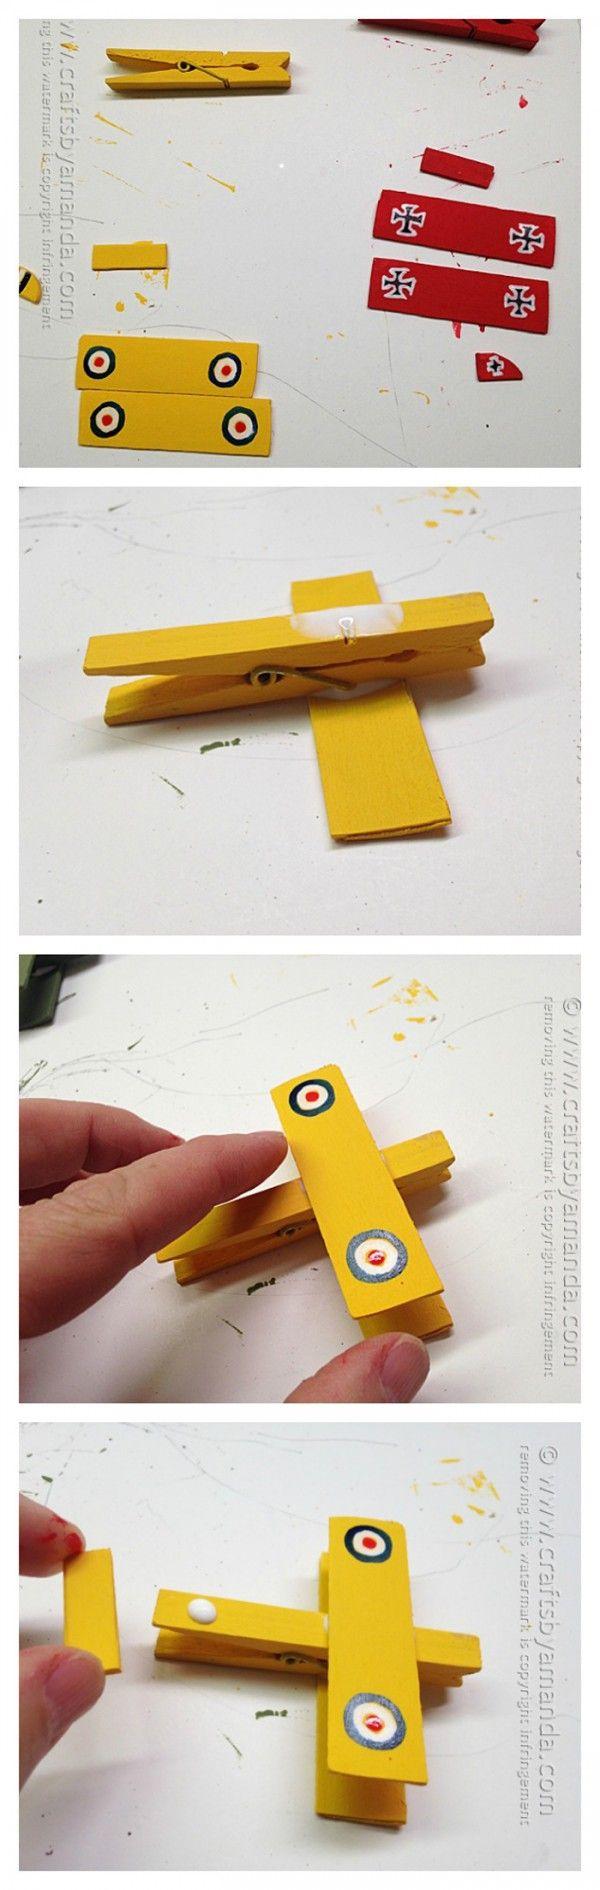 Excelente idea para hacer los aviones de Snoopy :D